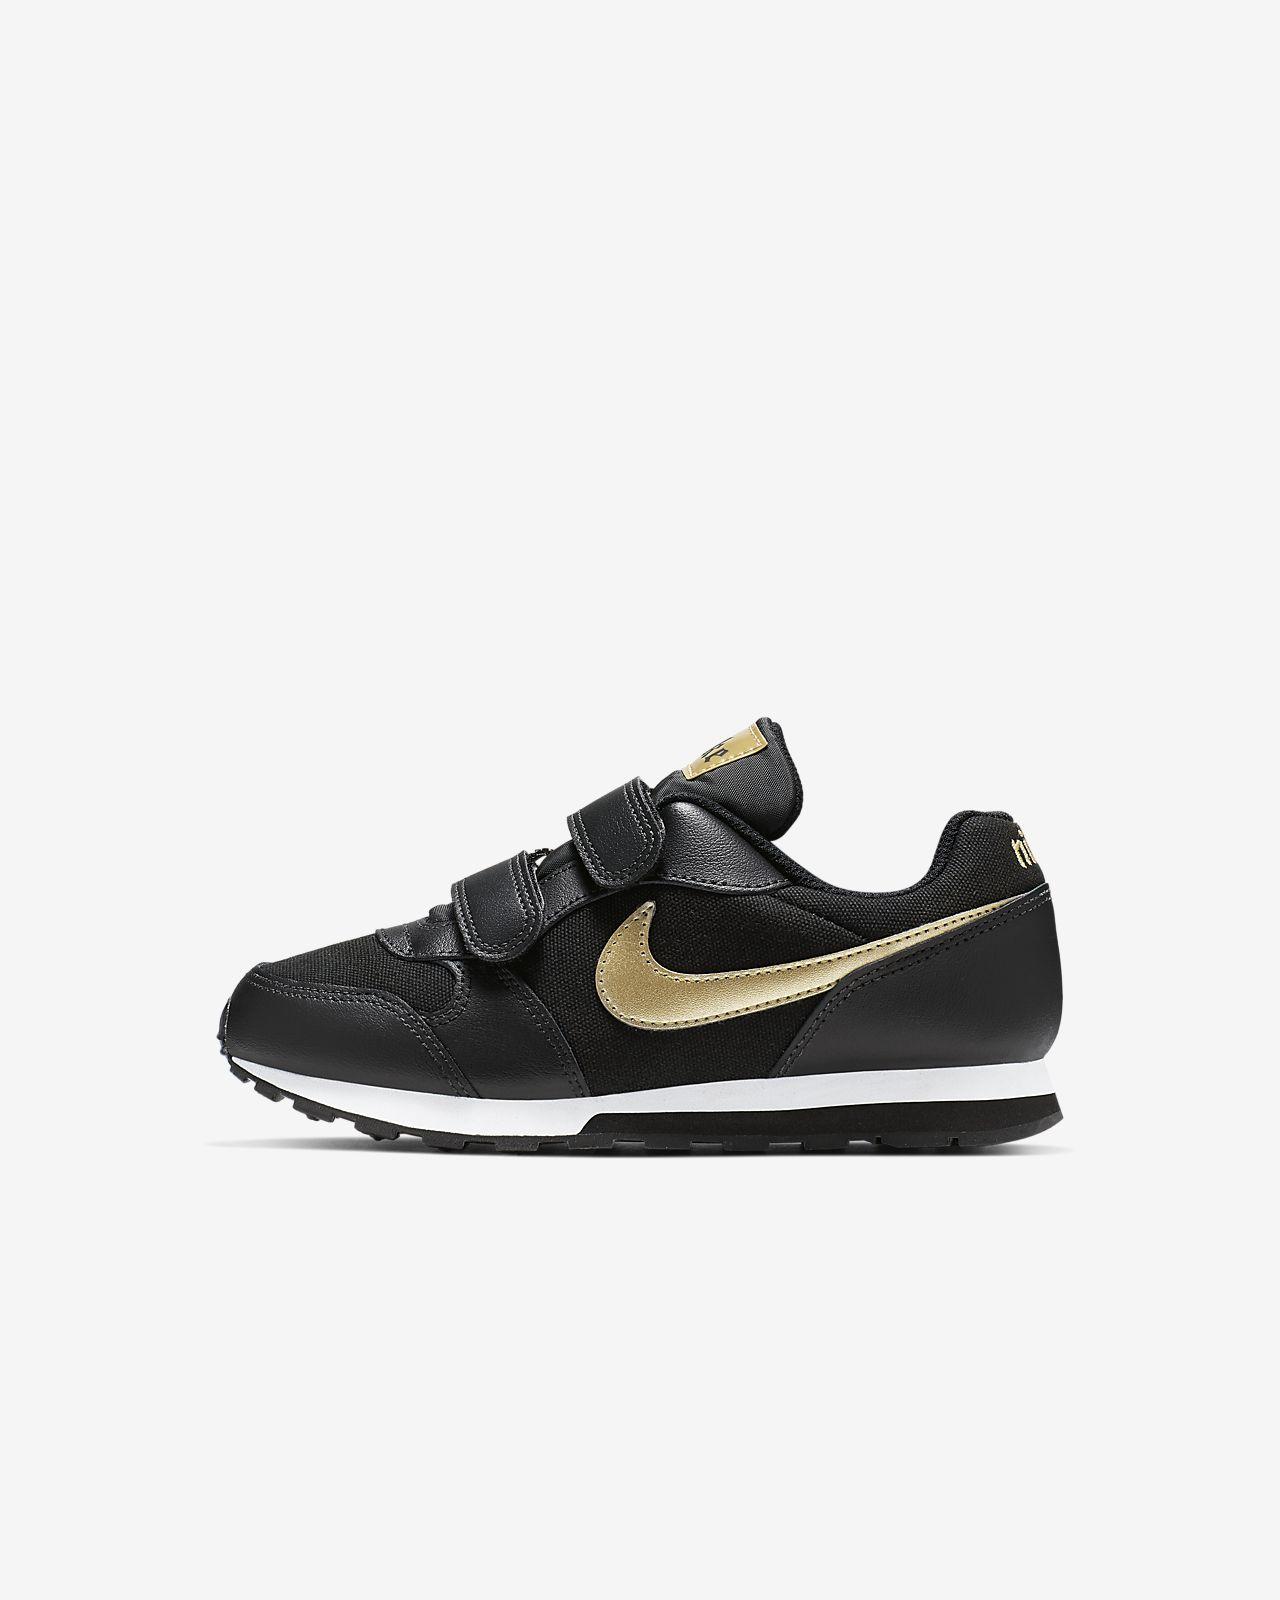 Calzado para niños talla pequeña Nike MD Runner 2 VTB